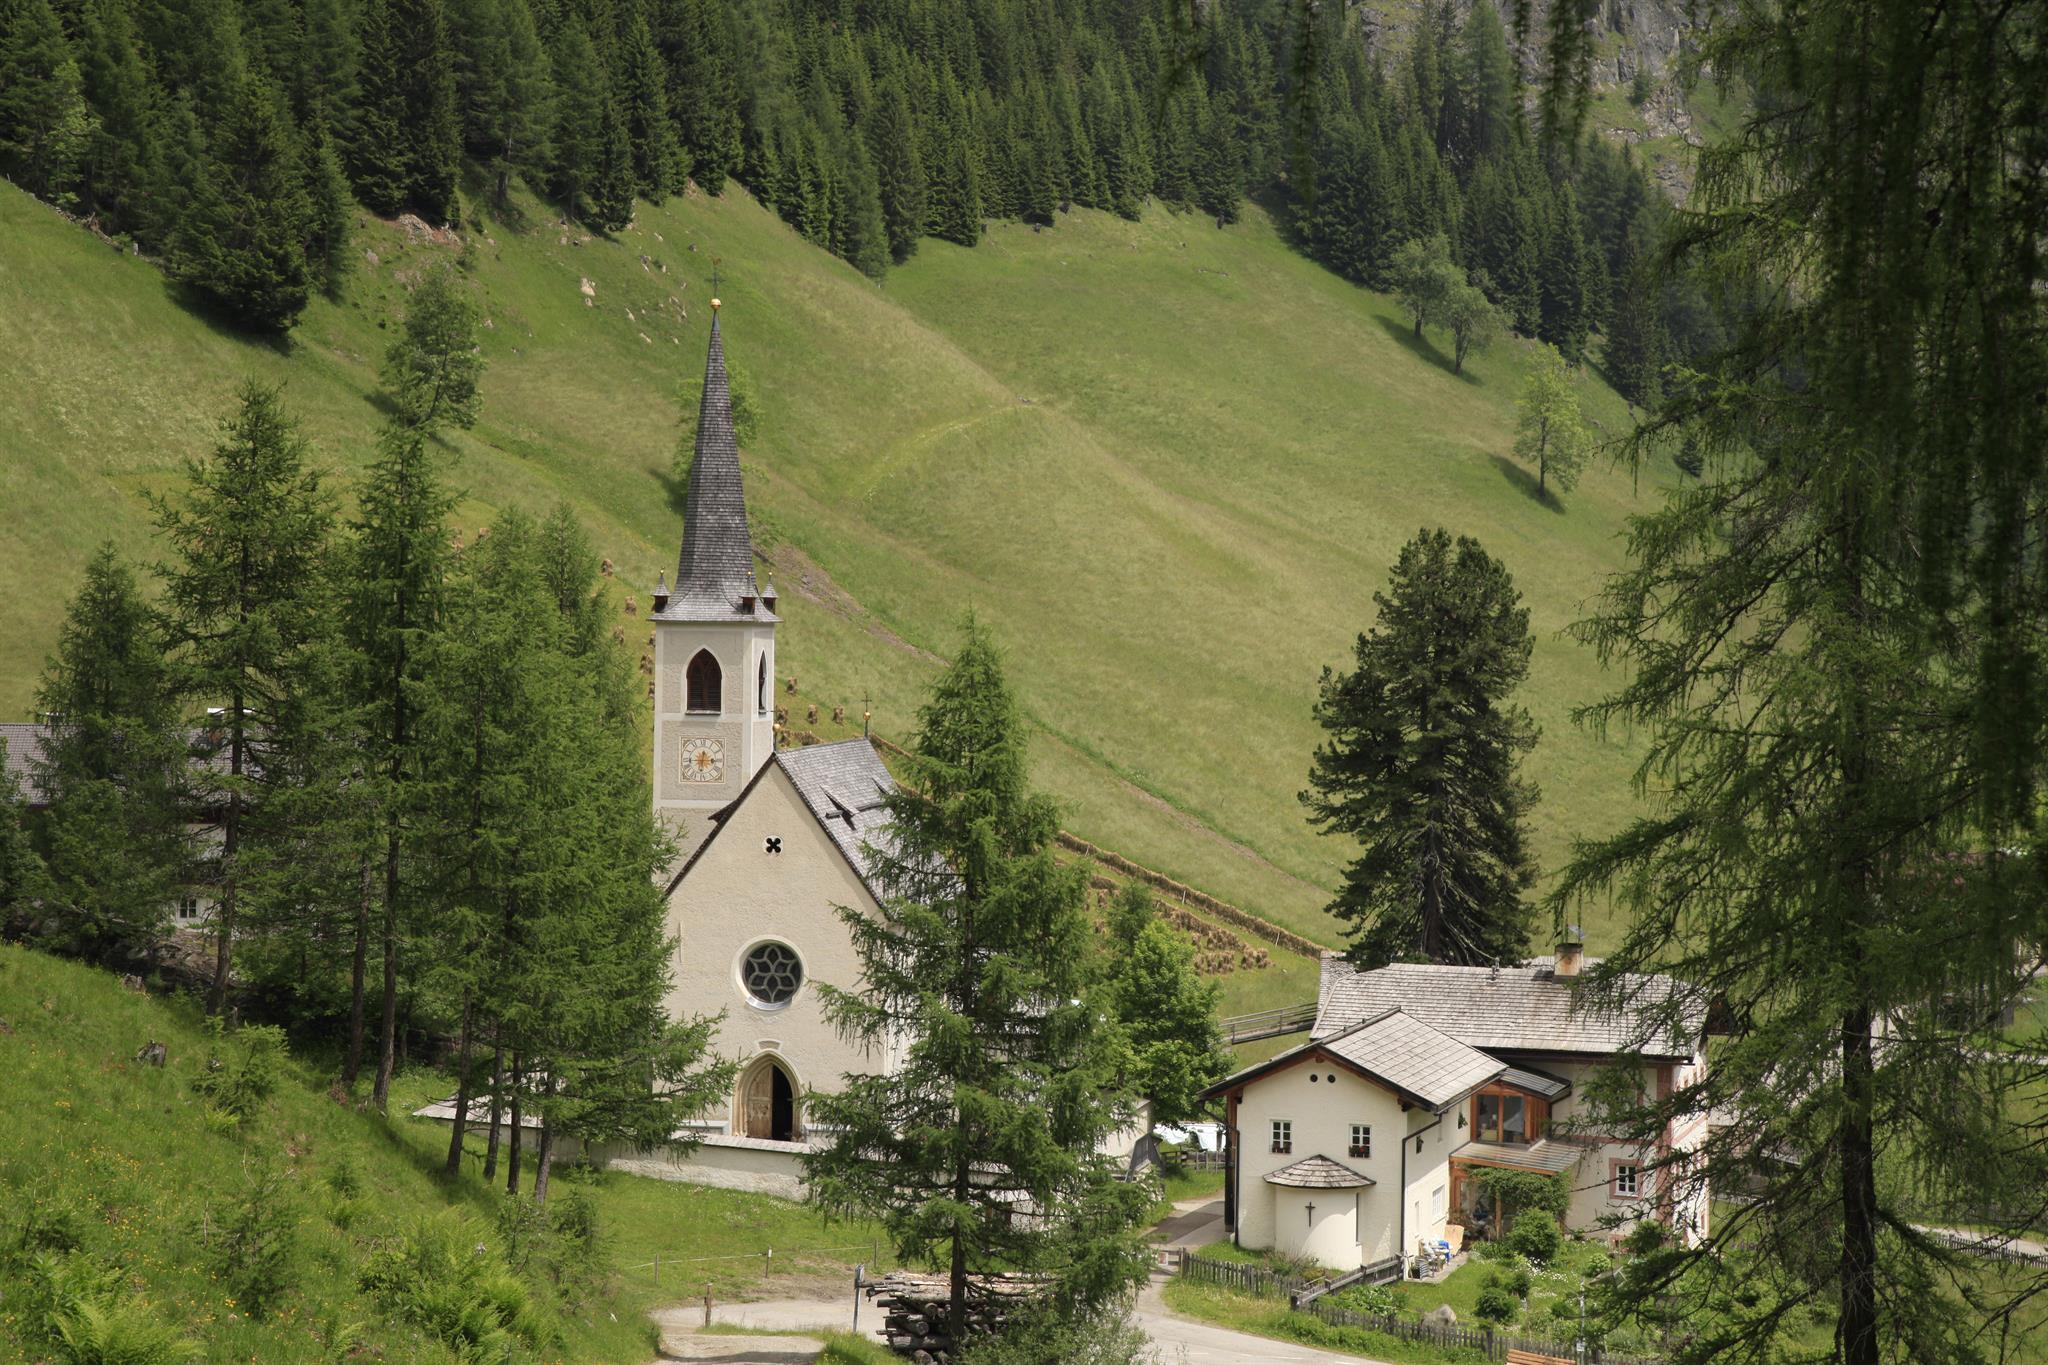 Wallfahrtskirche-Maria-Schnee-in-Kalkstein.jpg